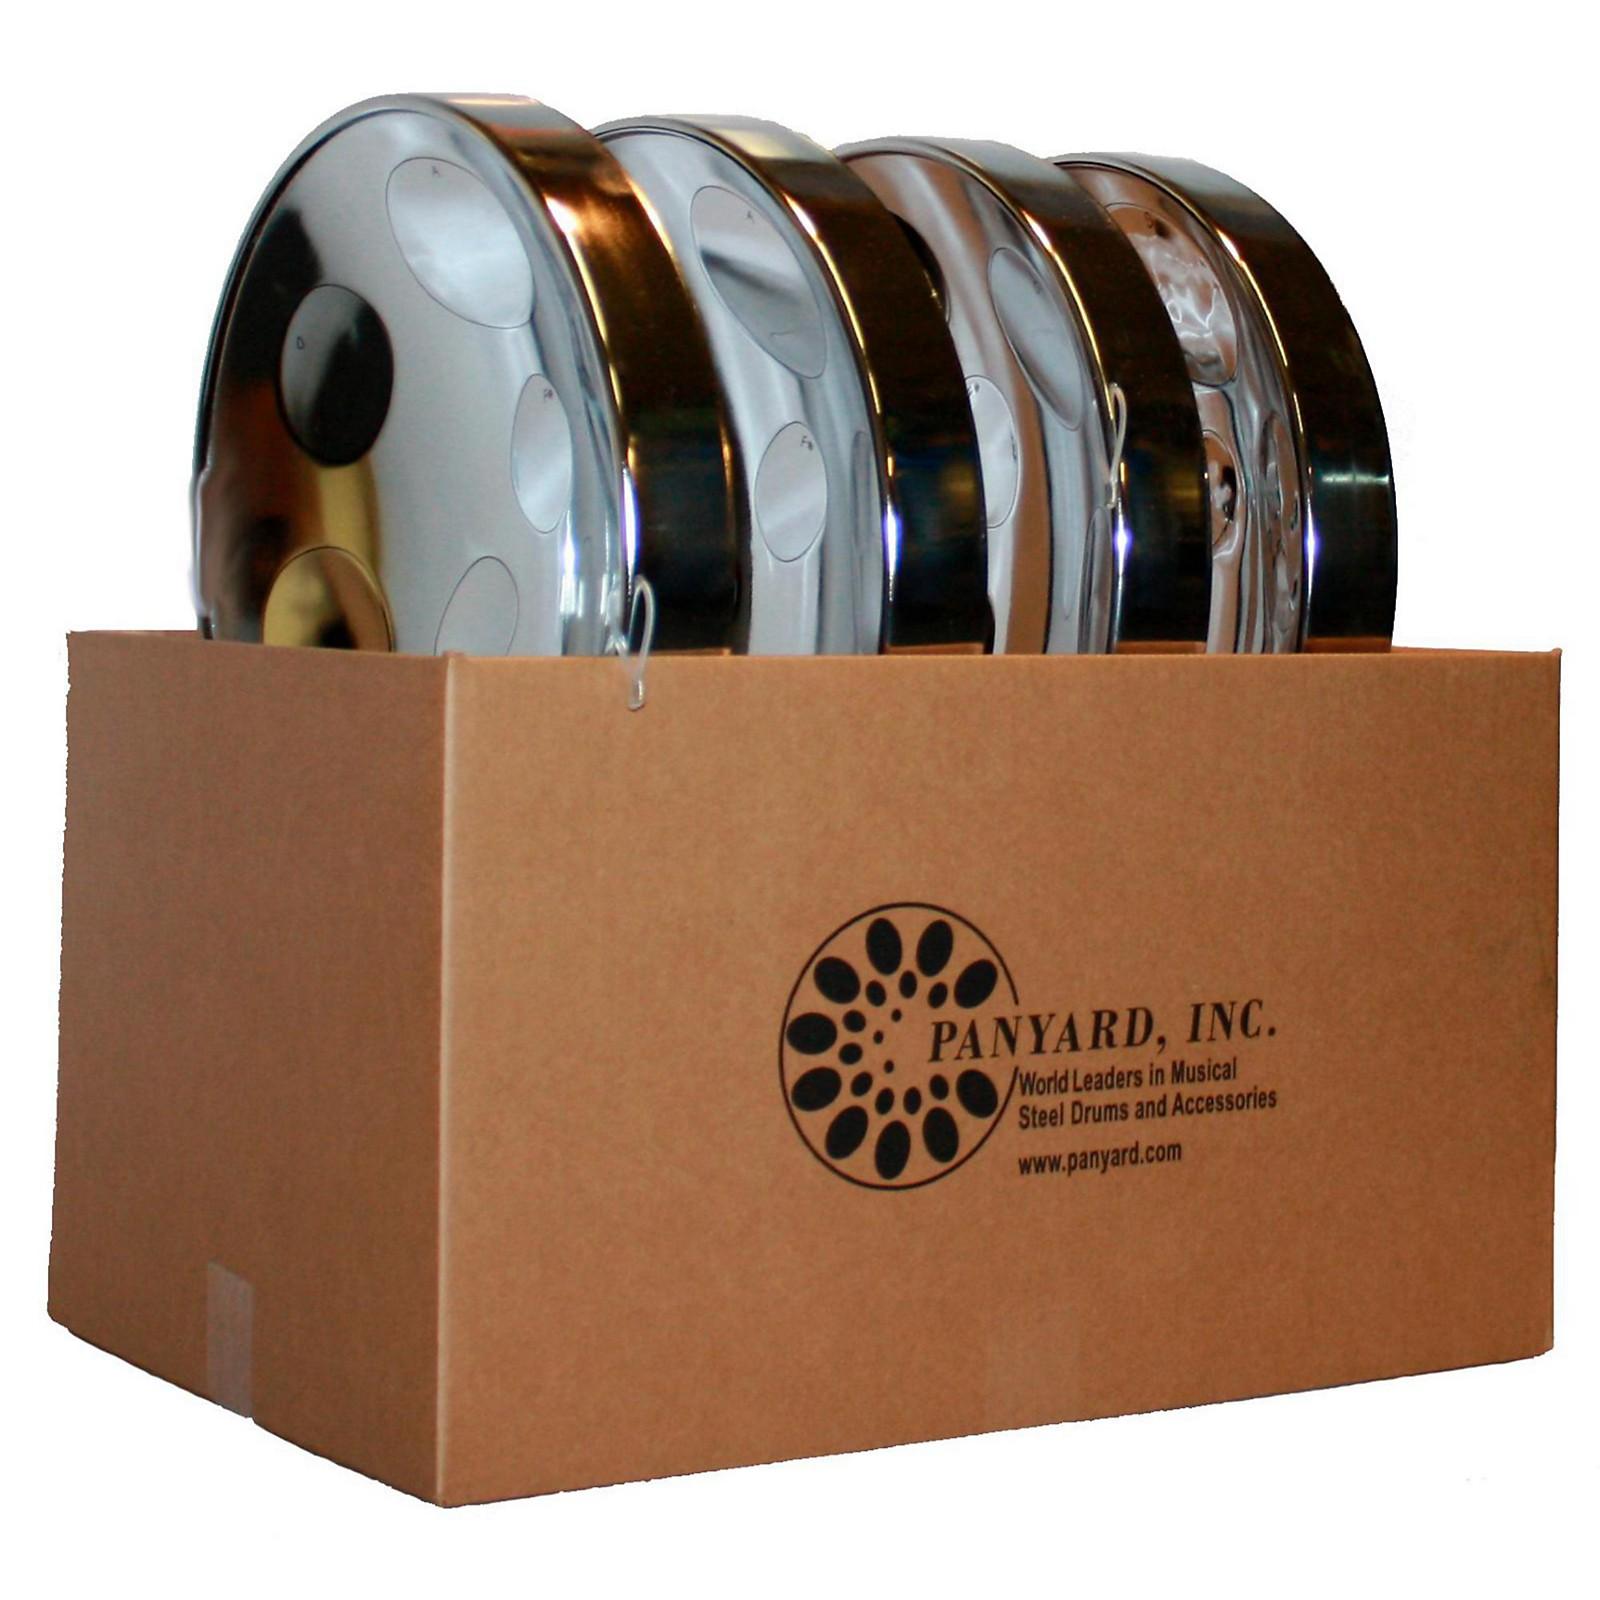 Open Box Panyard Jumbie Jam Educator's Steel Drum 4-Pack with Floor Stands